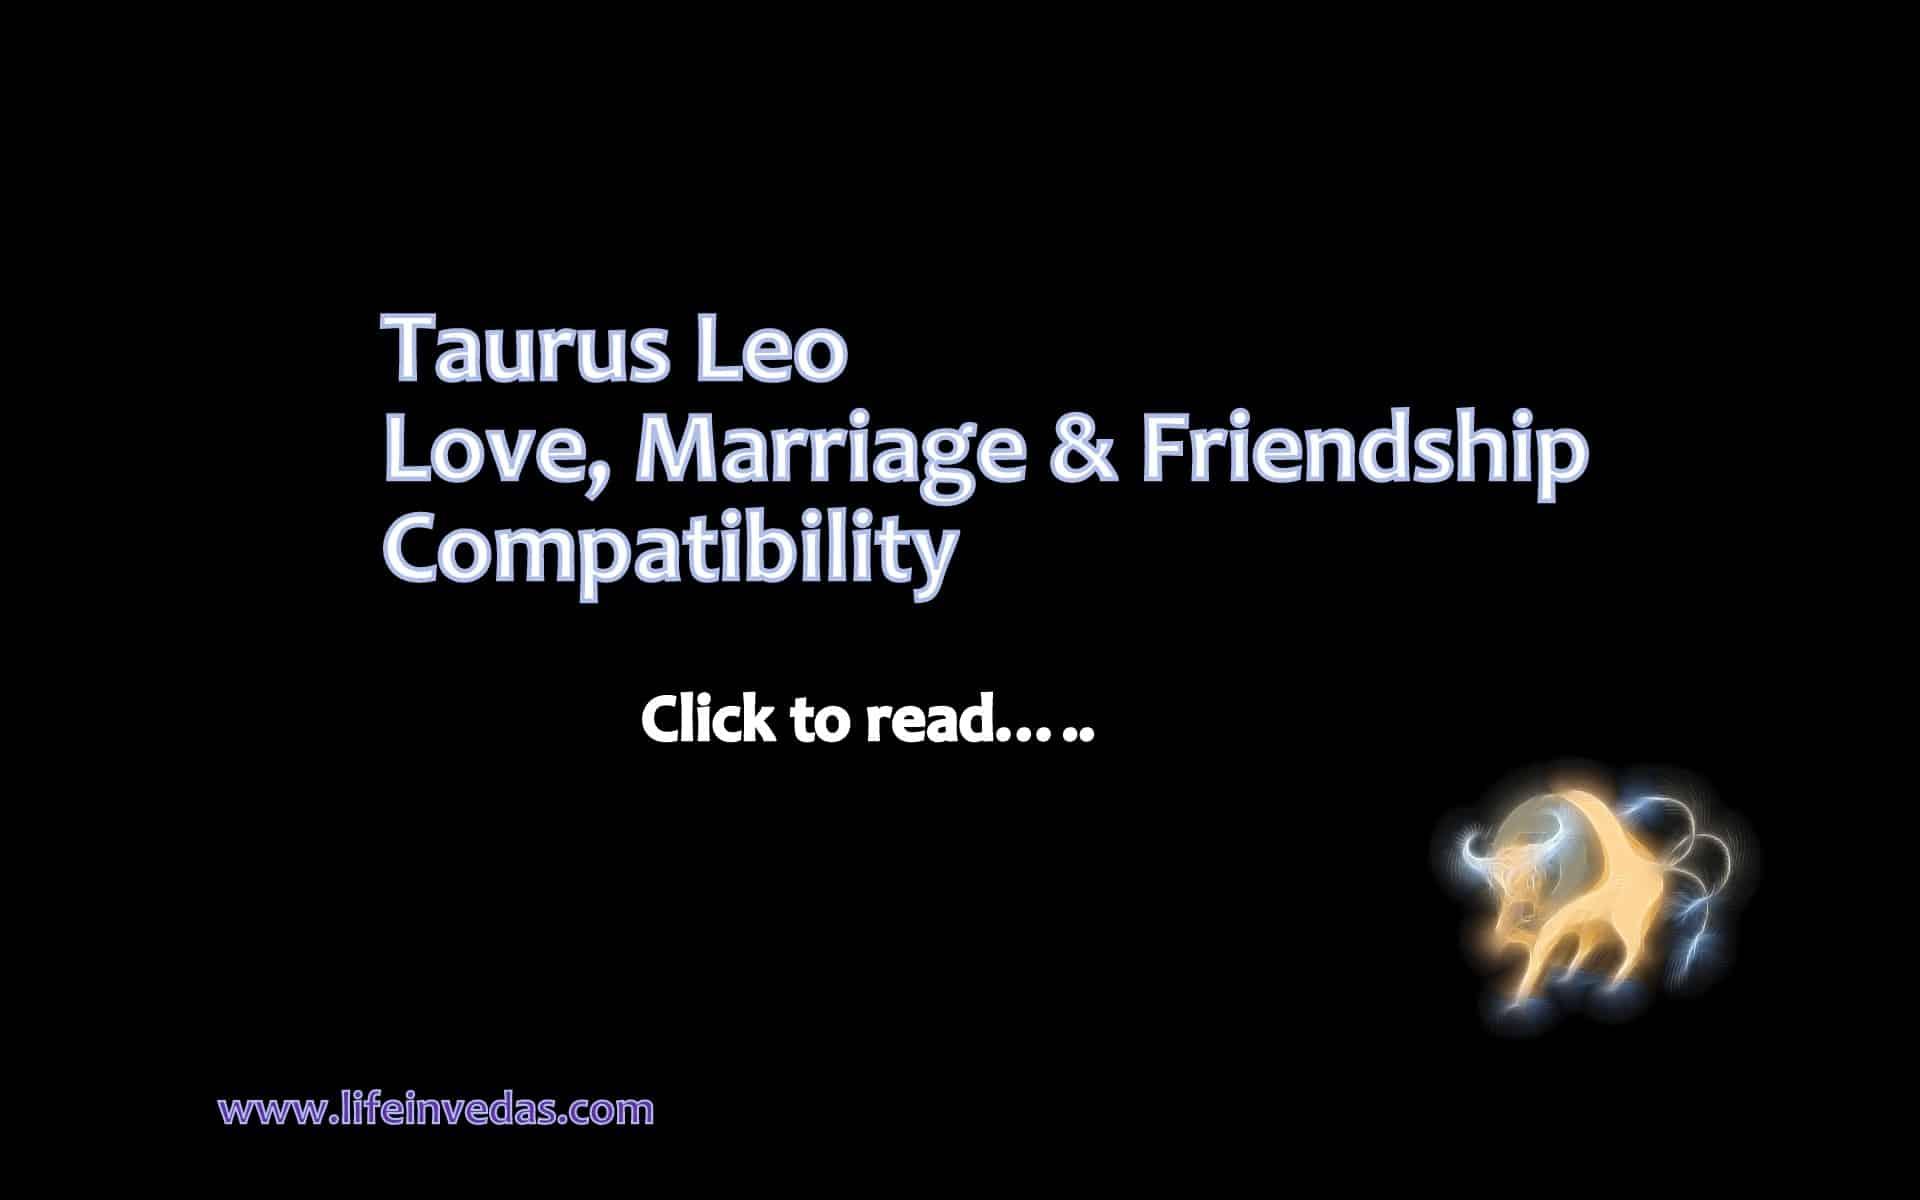 Best Friend match for Taurus